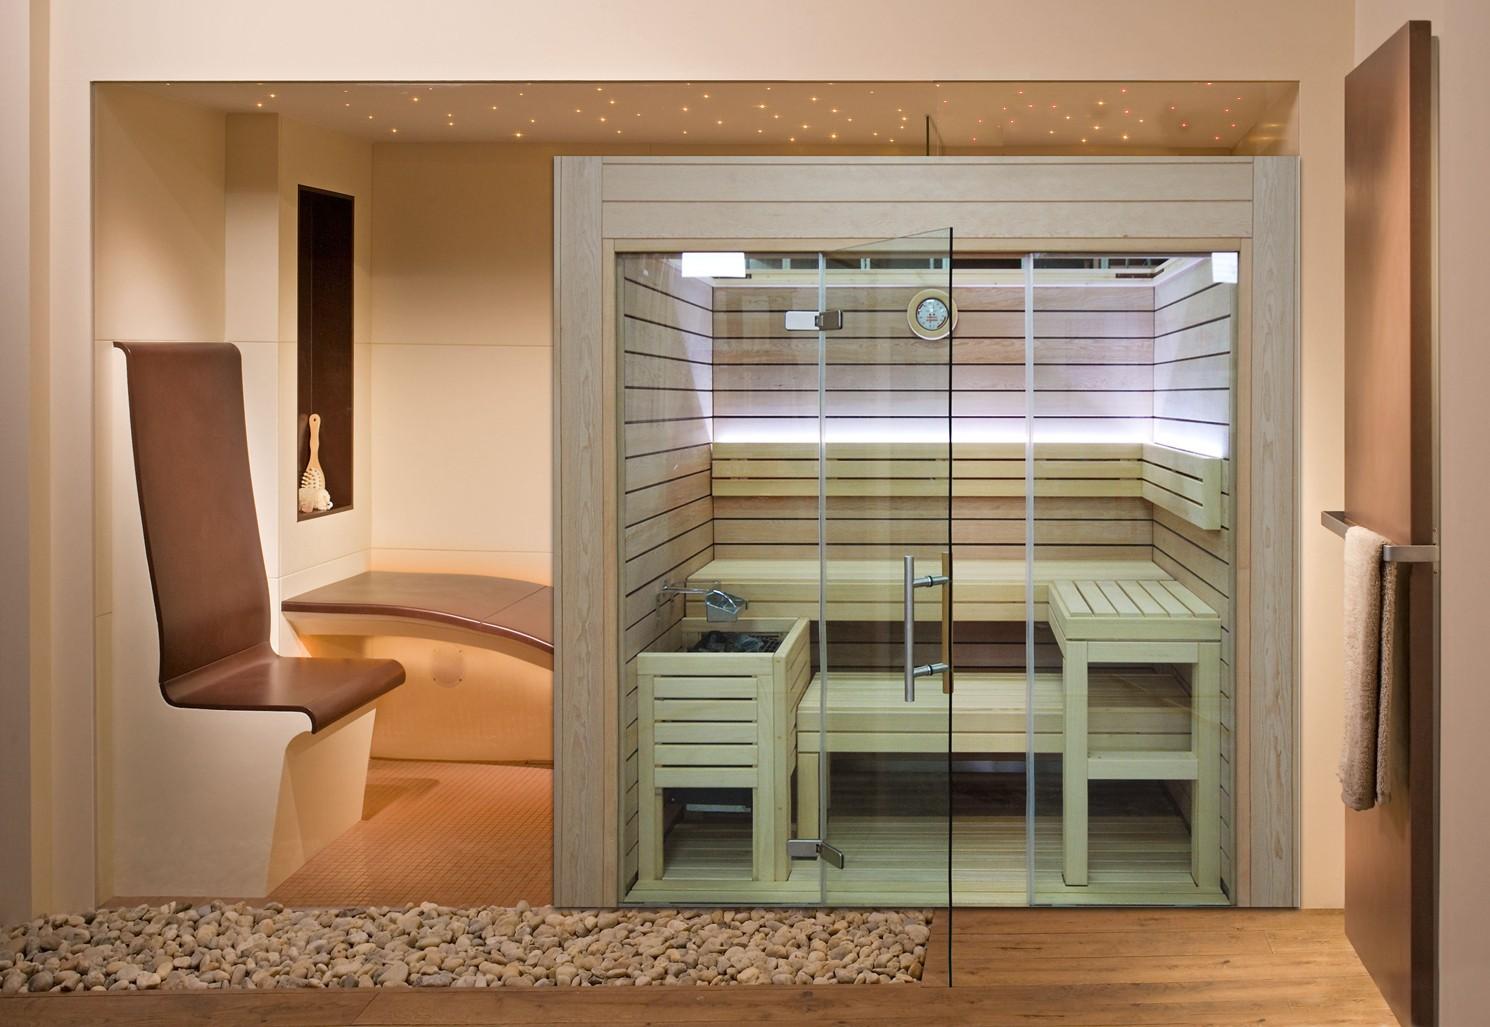 Cabinas De Baño Sauna:Sauna Finlandesa – Cabinas sauna finlandesa